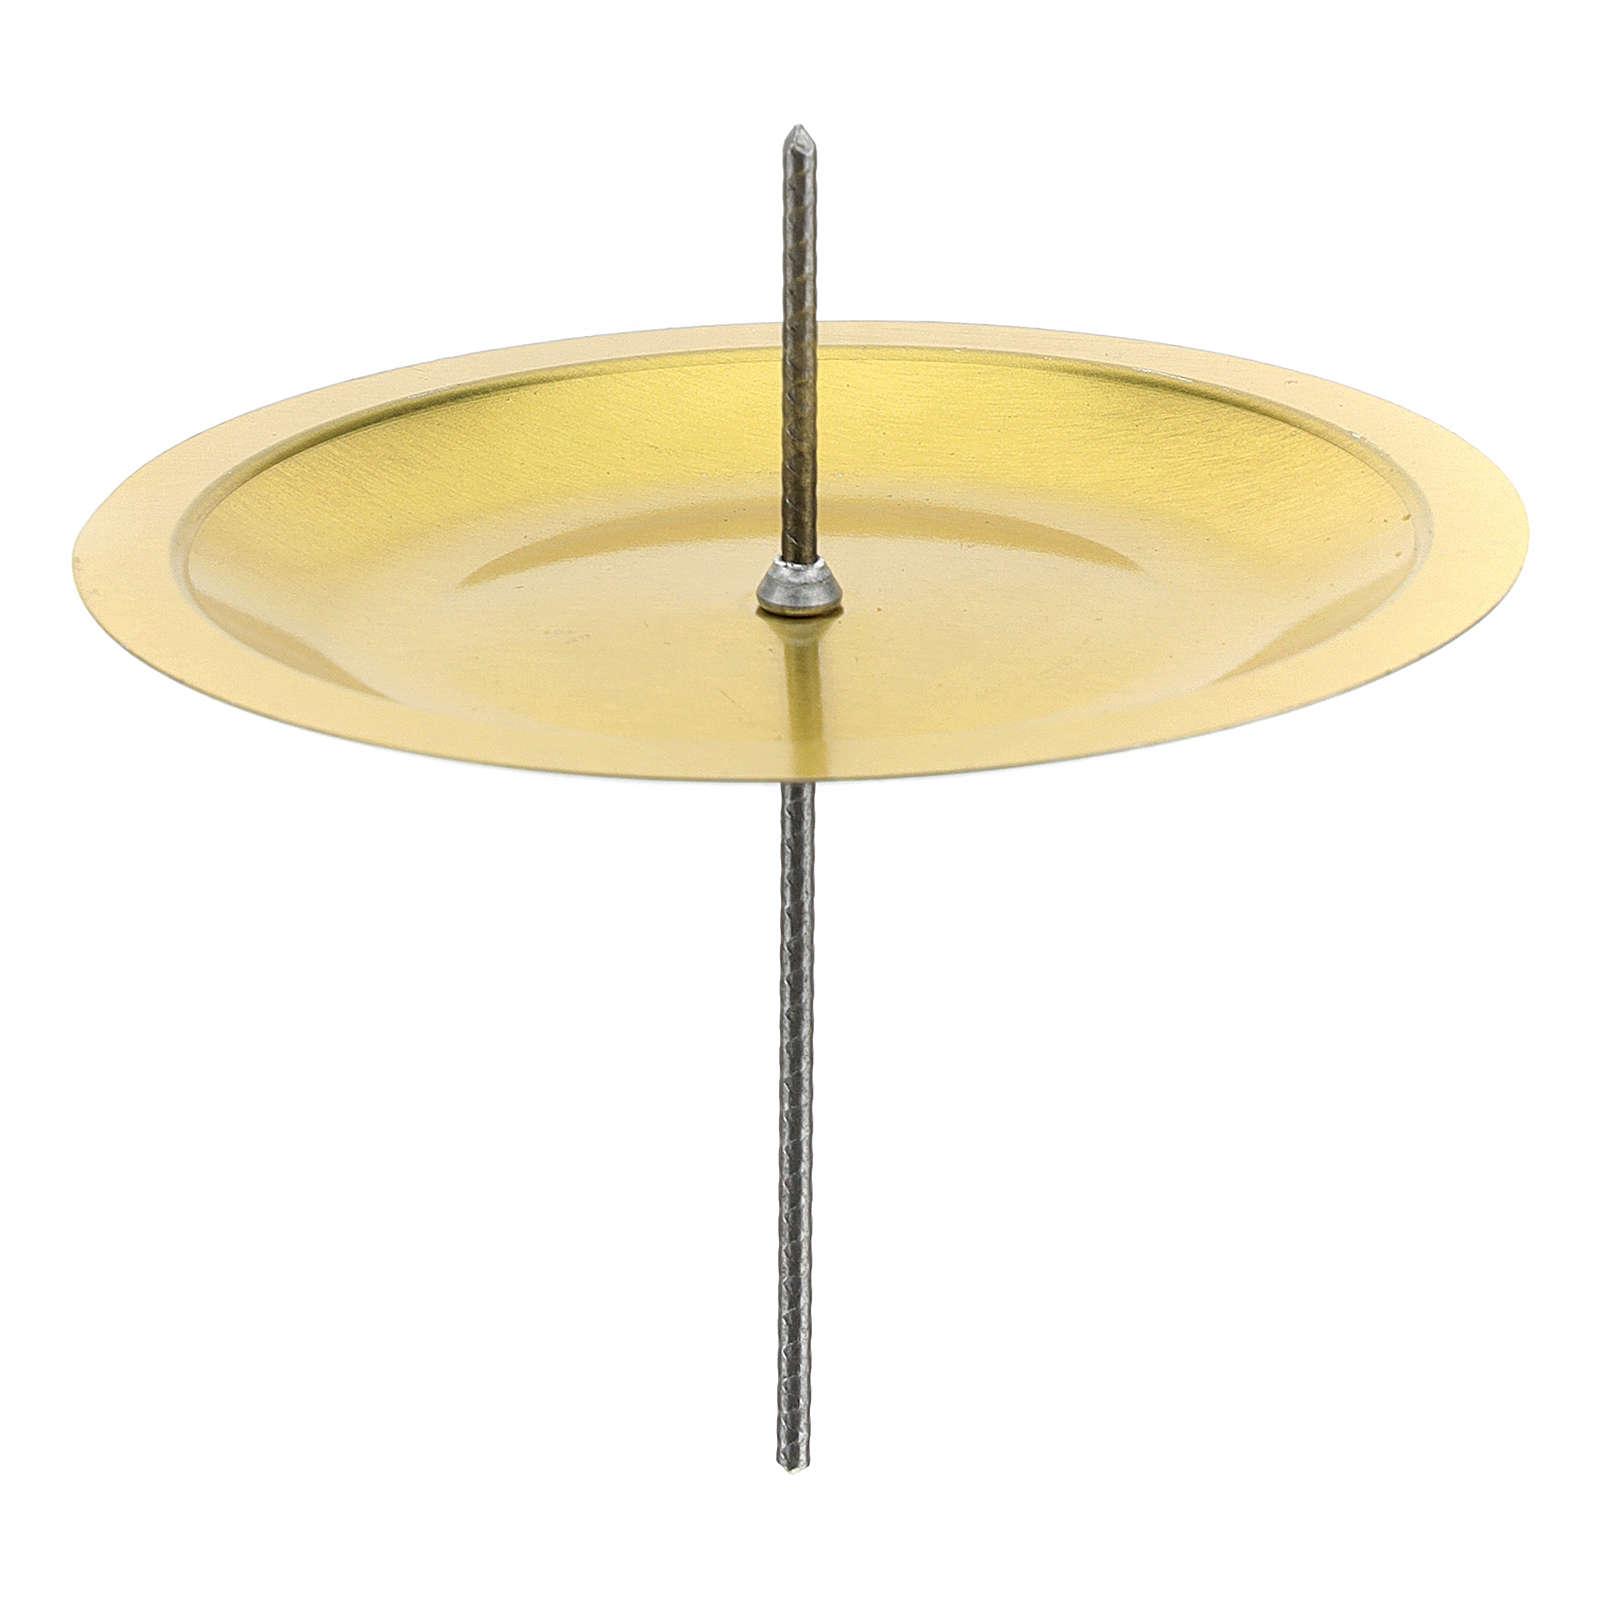 Pinos para o Advento set 4 peças diâm. 7 cm latão prateado 3